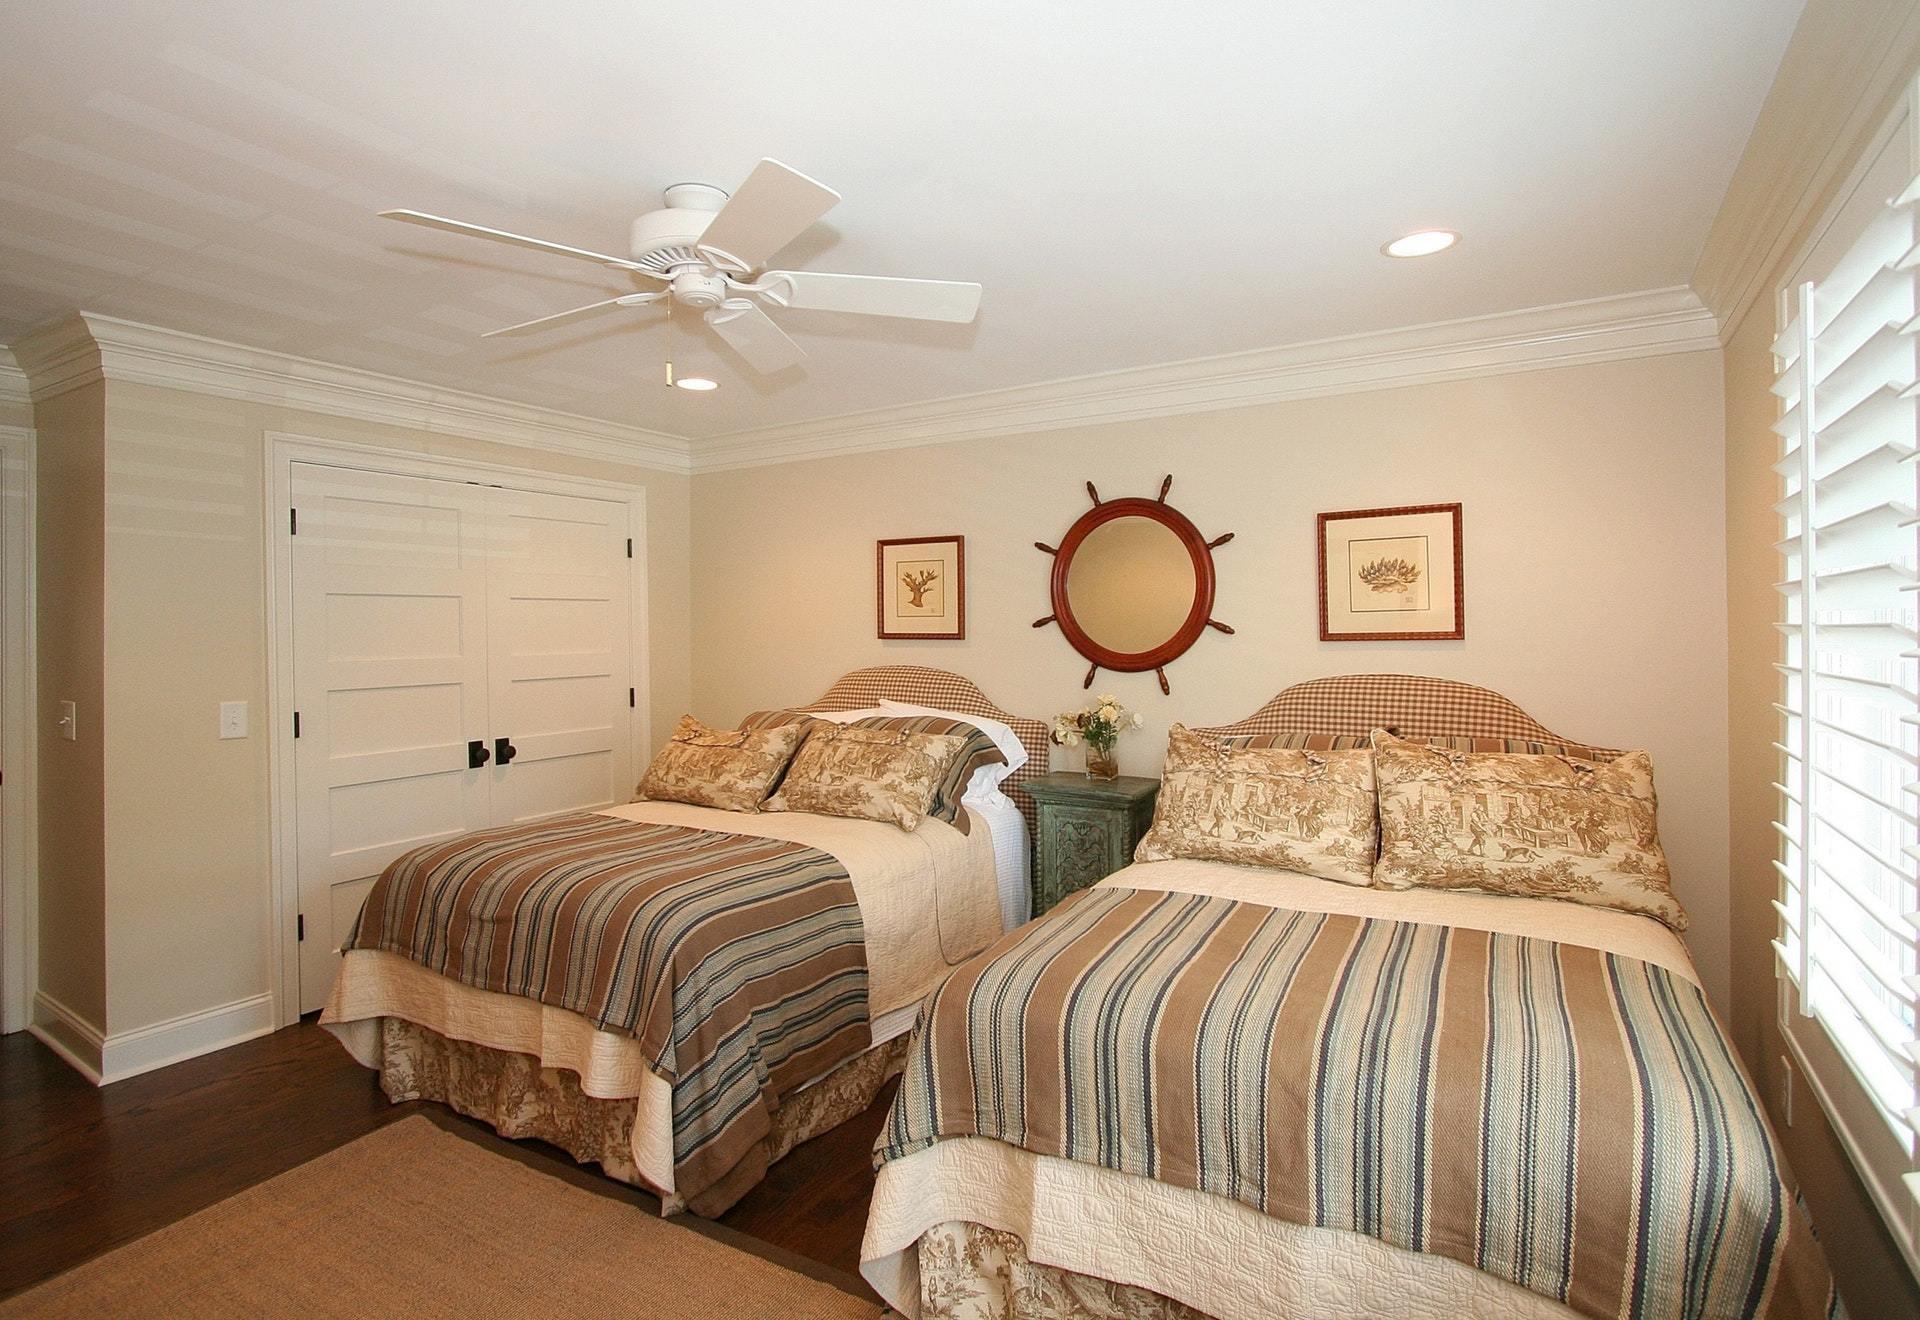 Beach Club Villas Homes For Sale - 34 Beach Club Villas, Isle of Palms, SC - 3